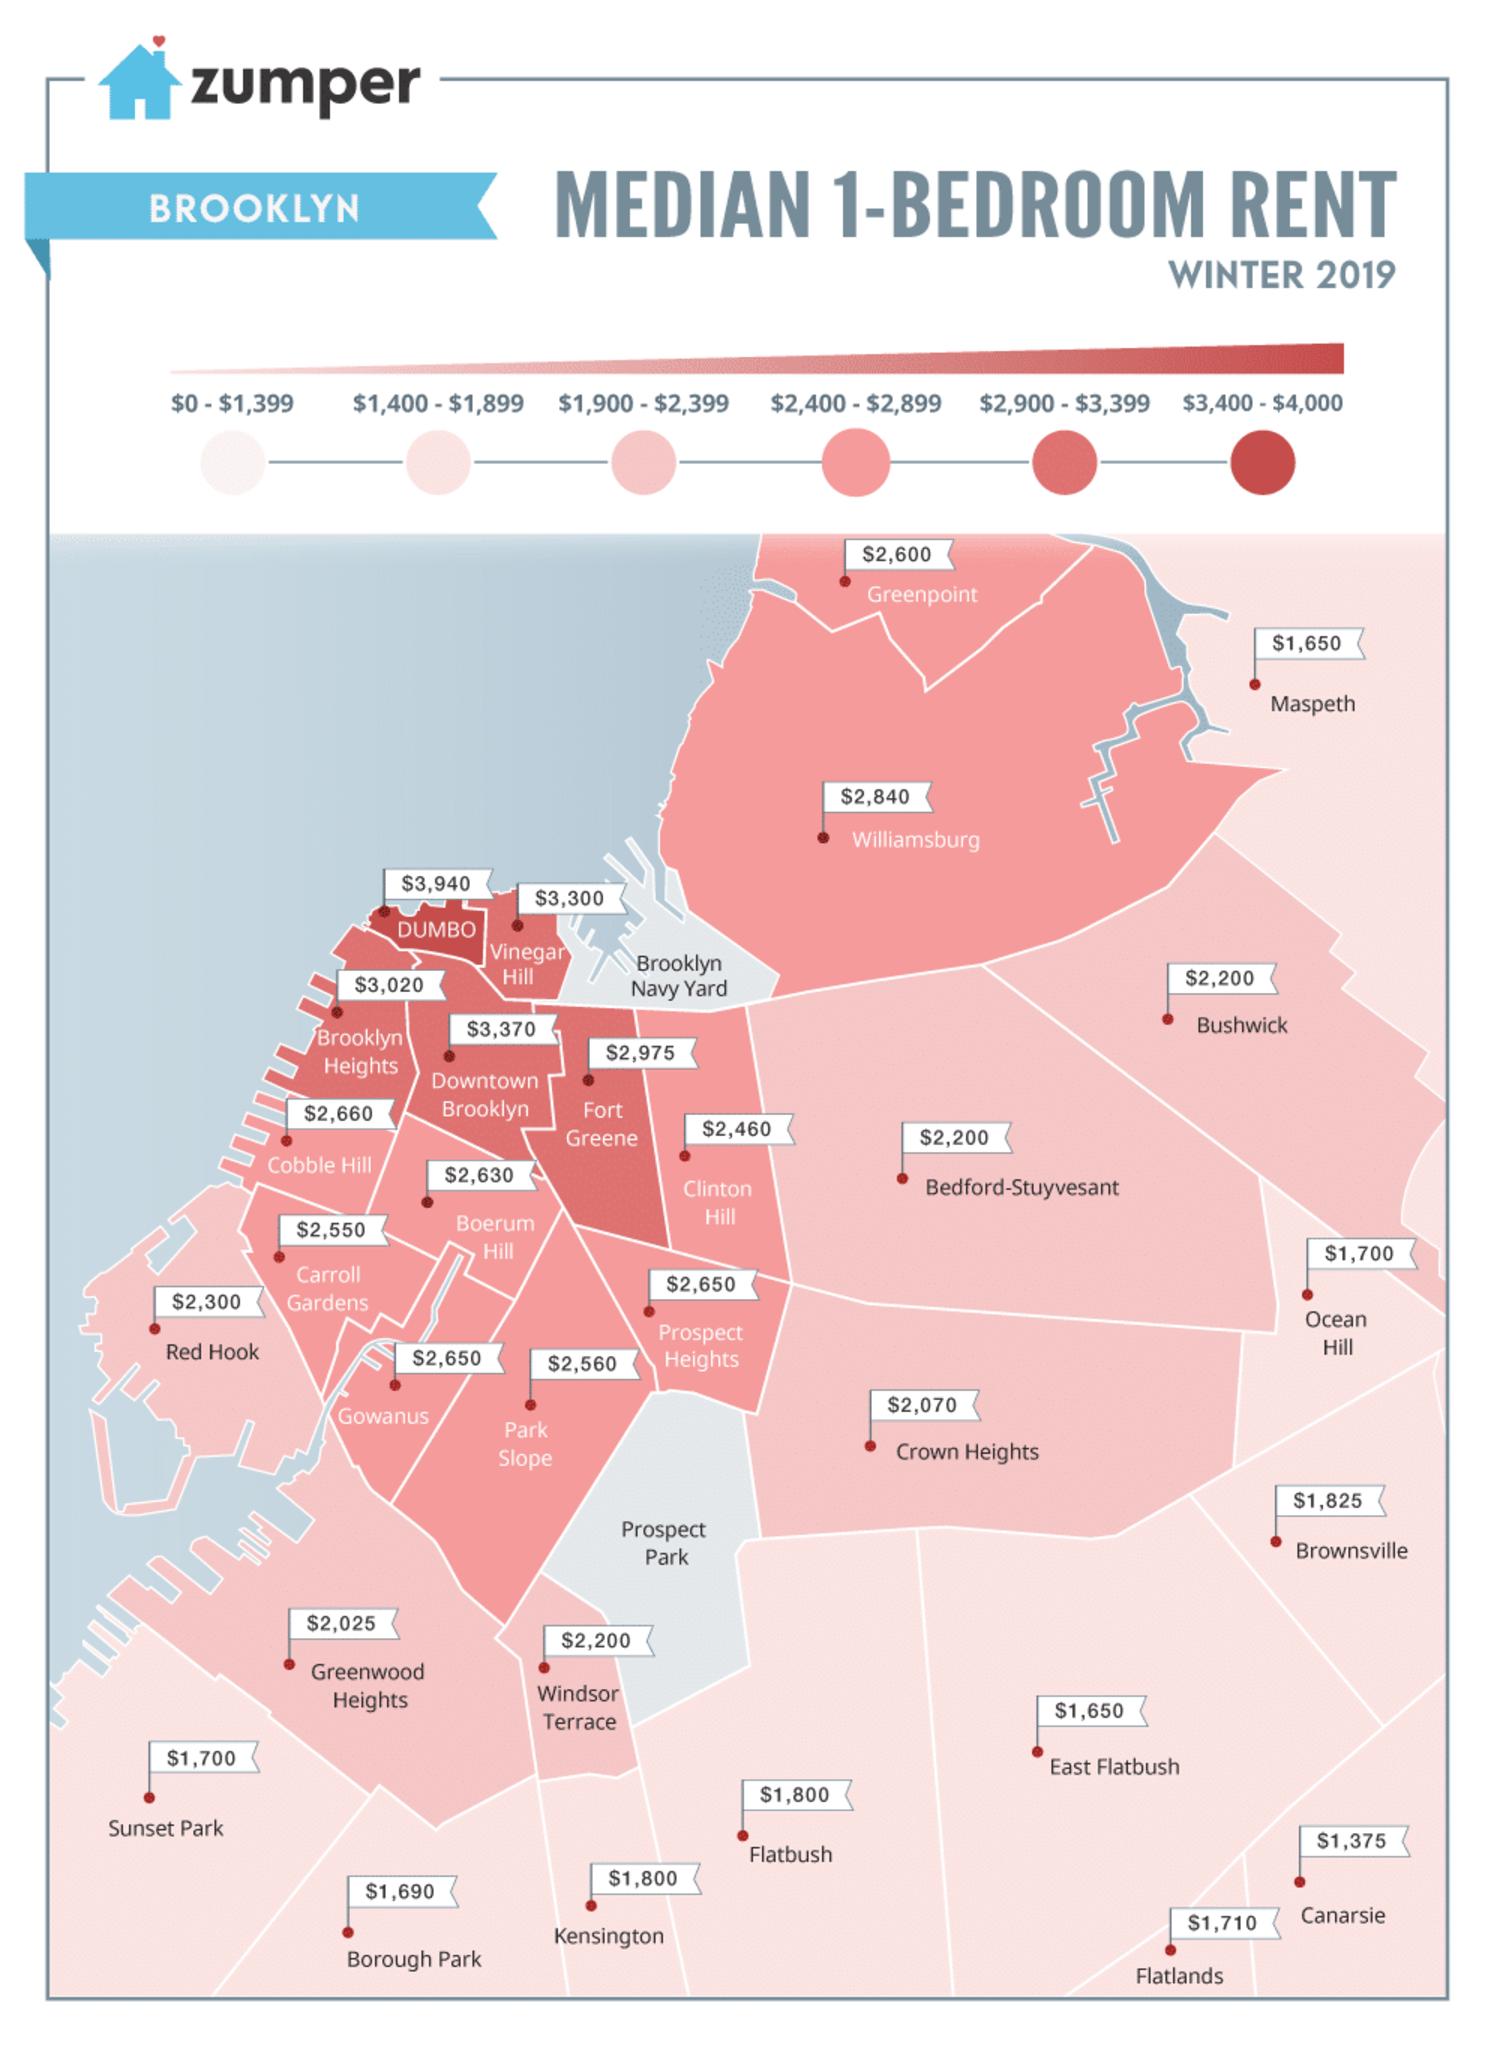 Costo de alquiler de un departamento de 1 dormitorio en Brooklyn, Zumper